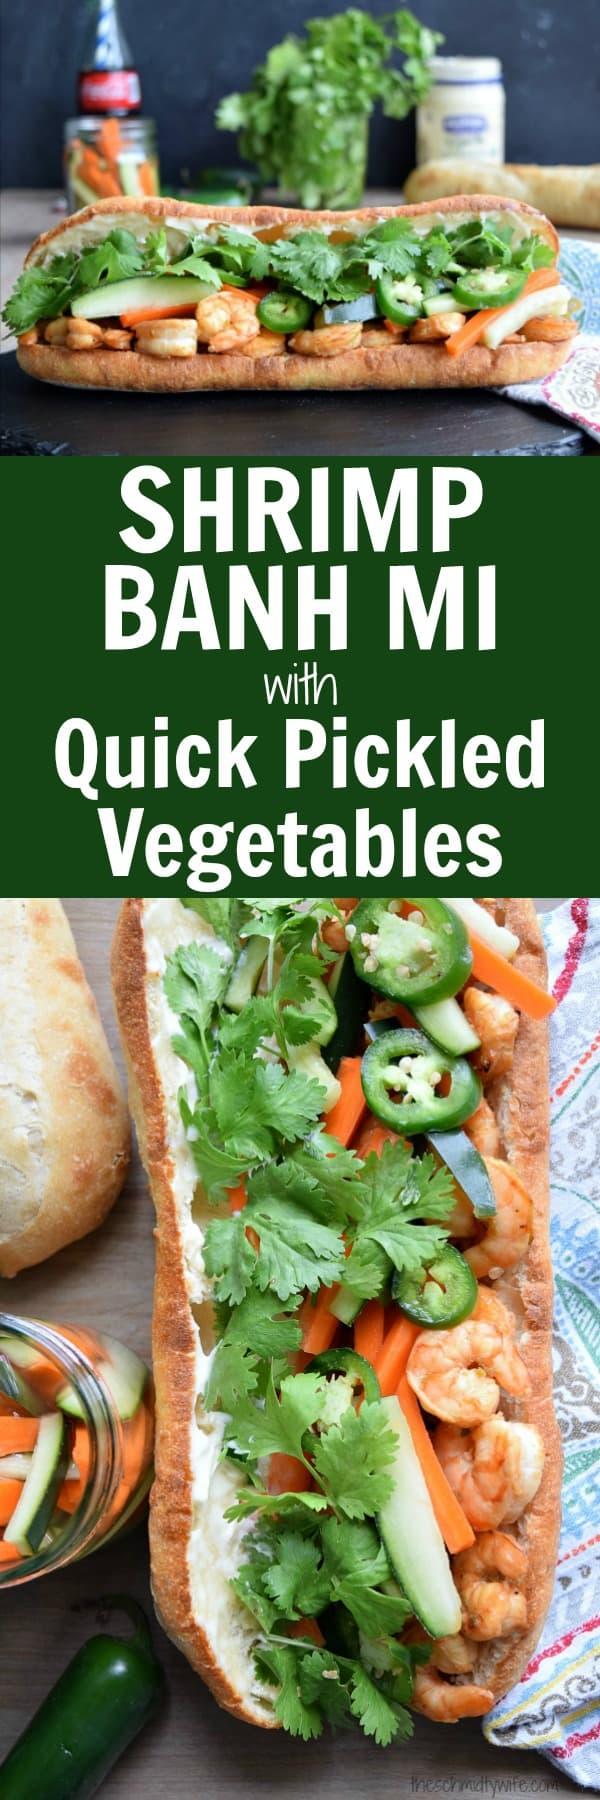 Shrimp Banh Mi with Quick Pickled Vegetables